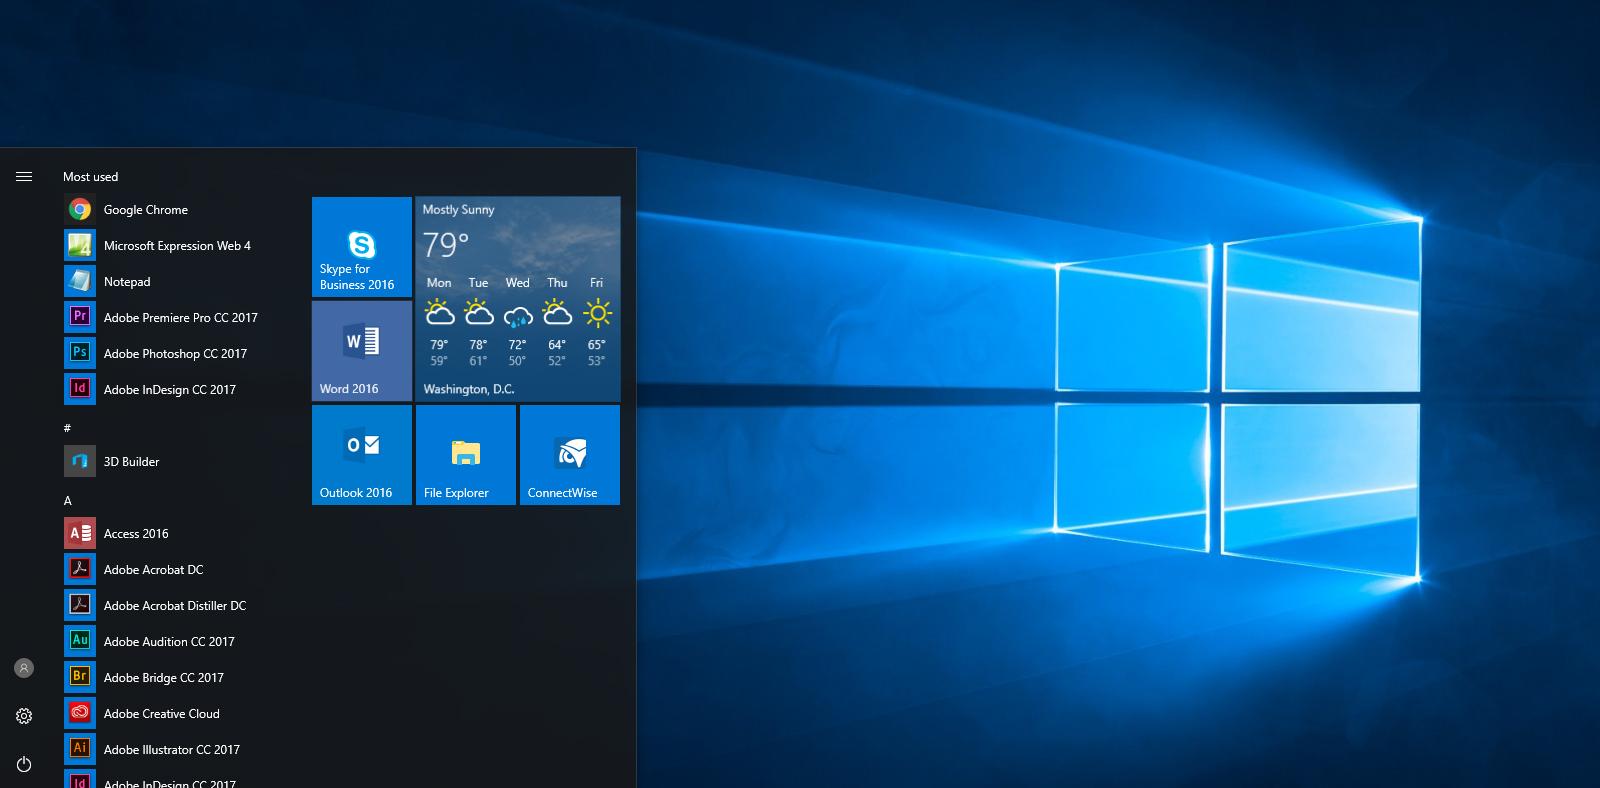 Customize your Windows 10 Start menu